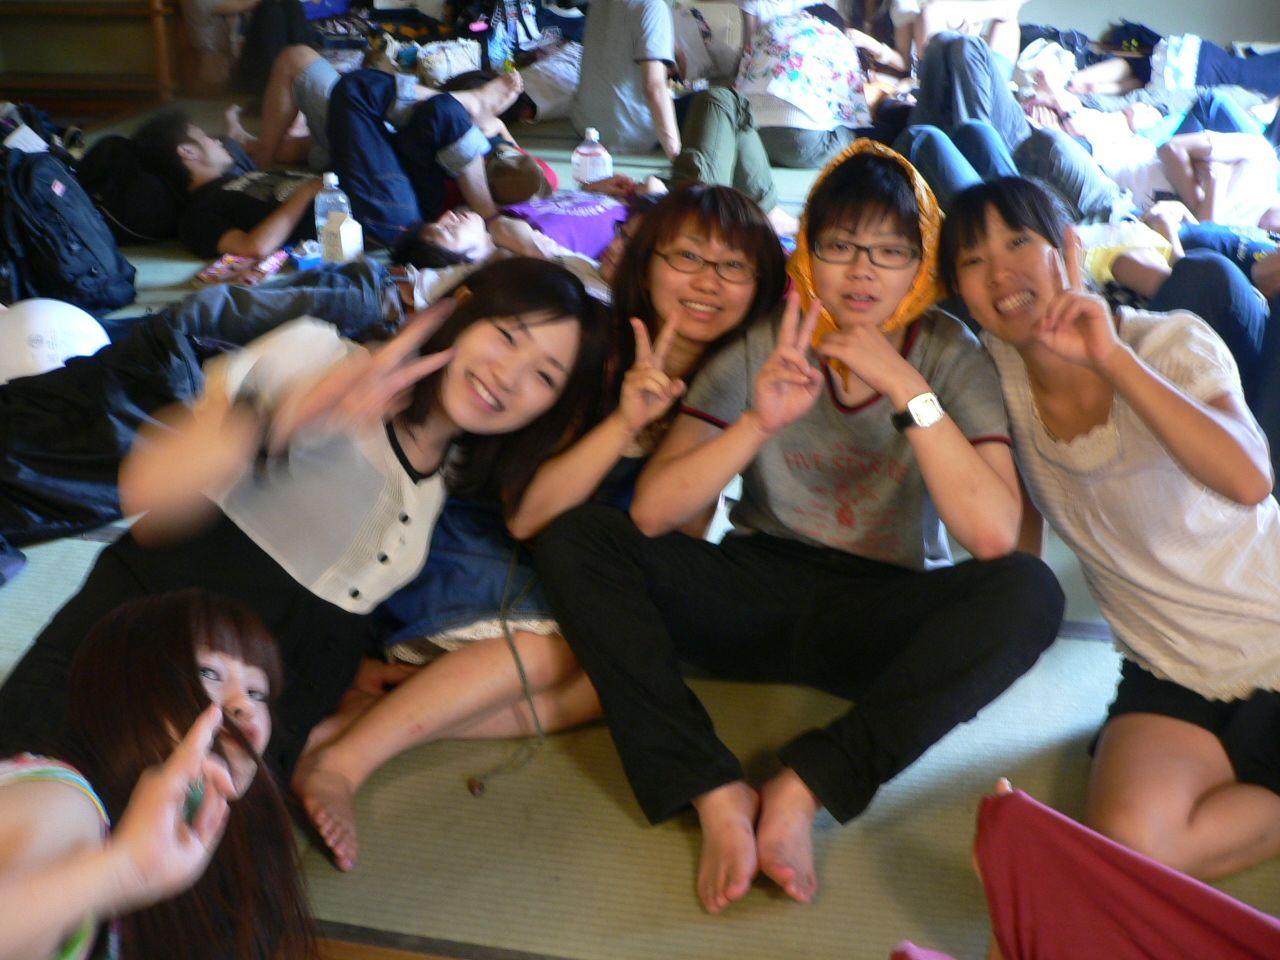 【若いカラダ】女子大生のことも異常に好きな奴 [無断転載禁止]©bbspink.comYouTube動画>5本 ->画像>412枚